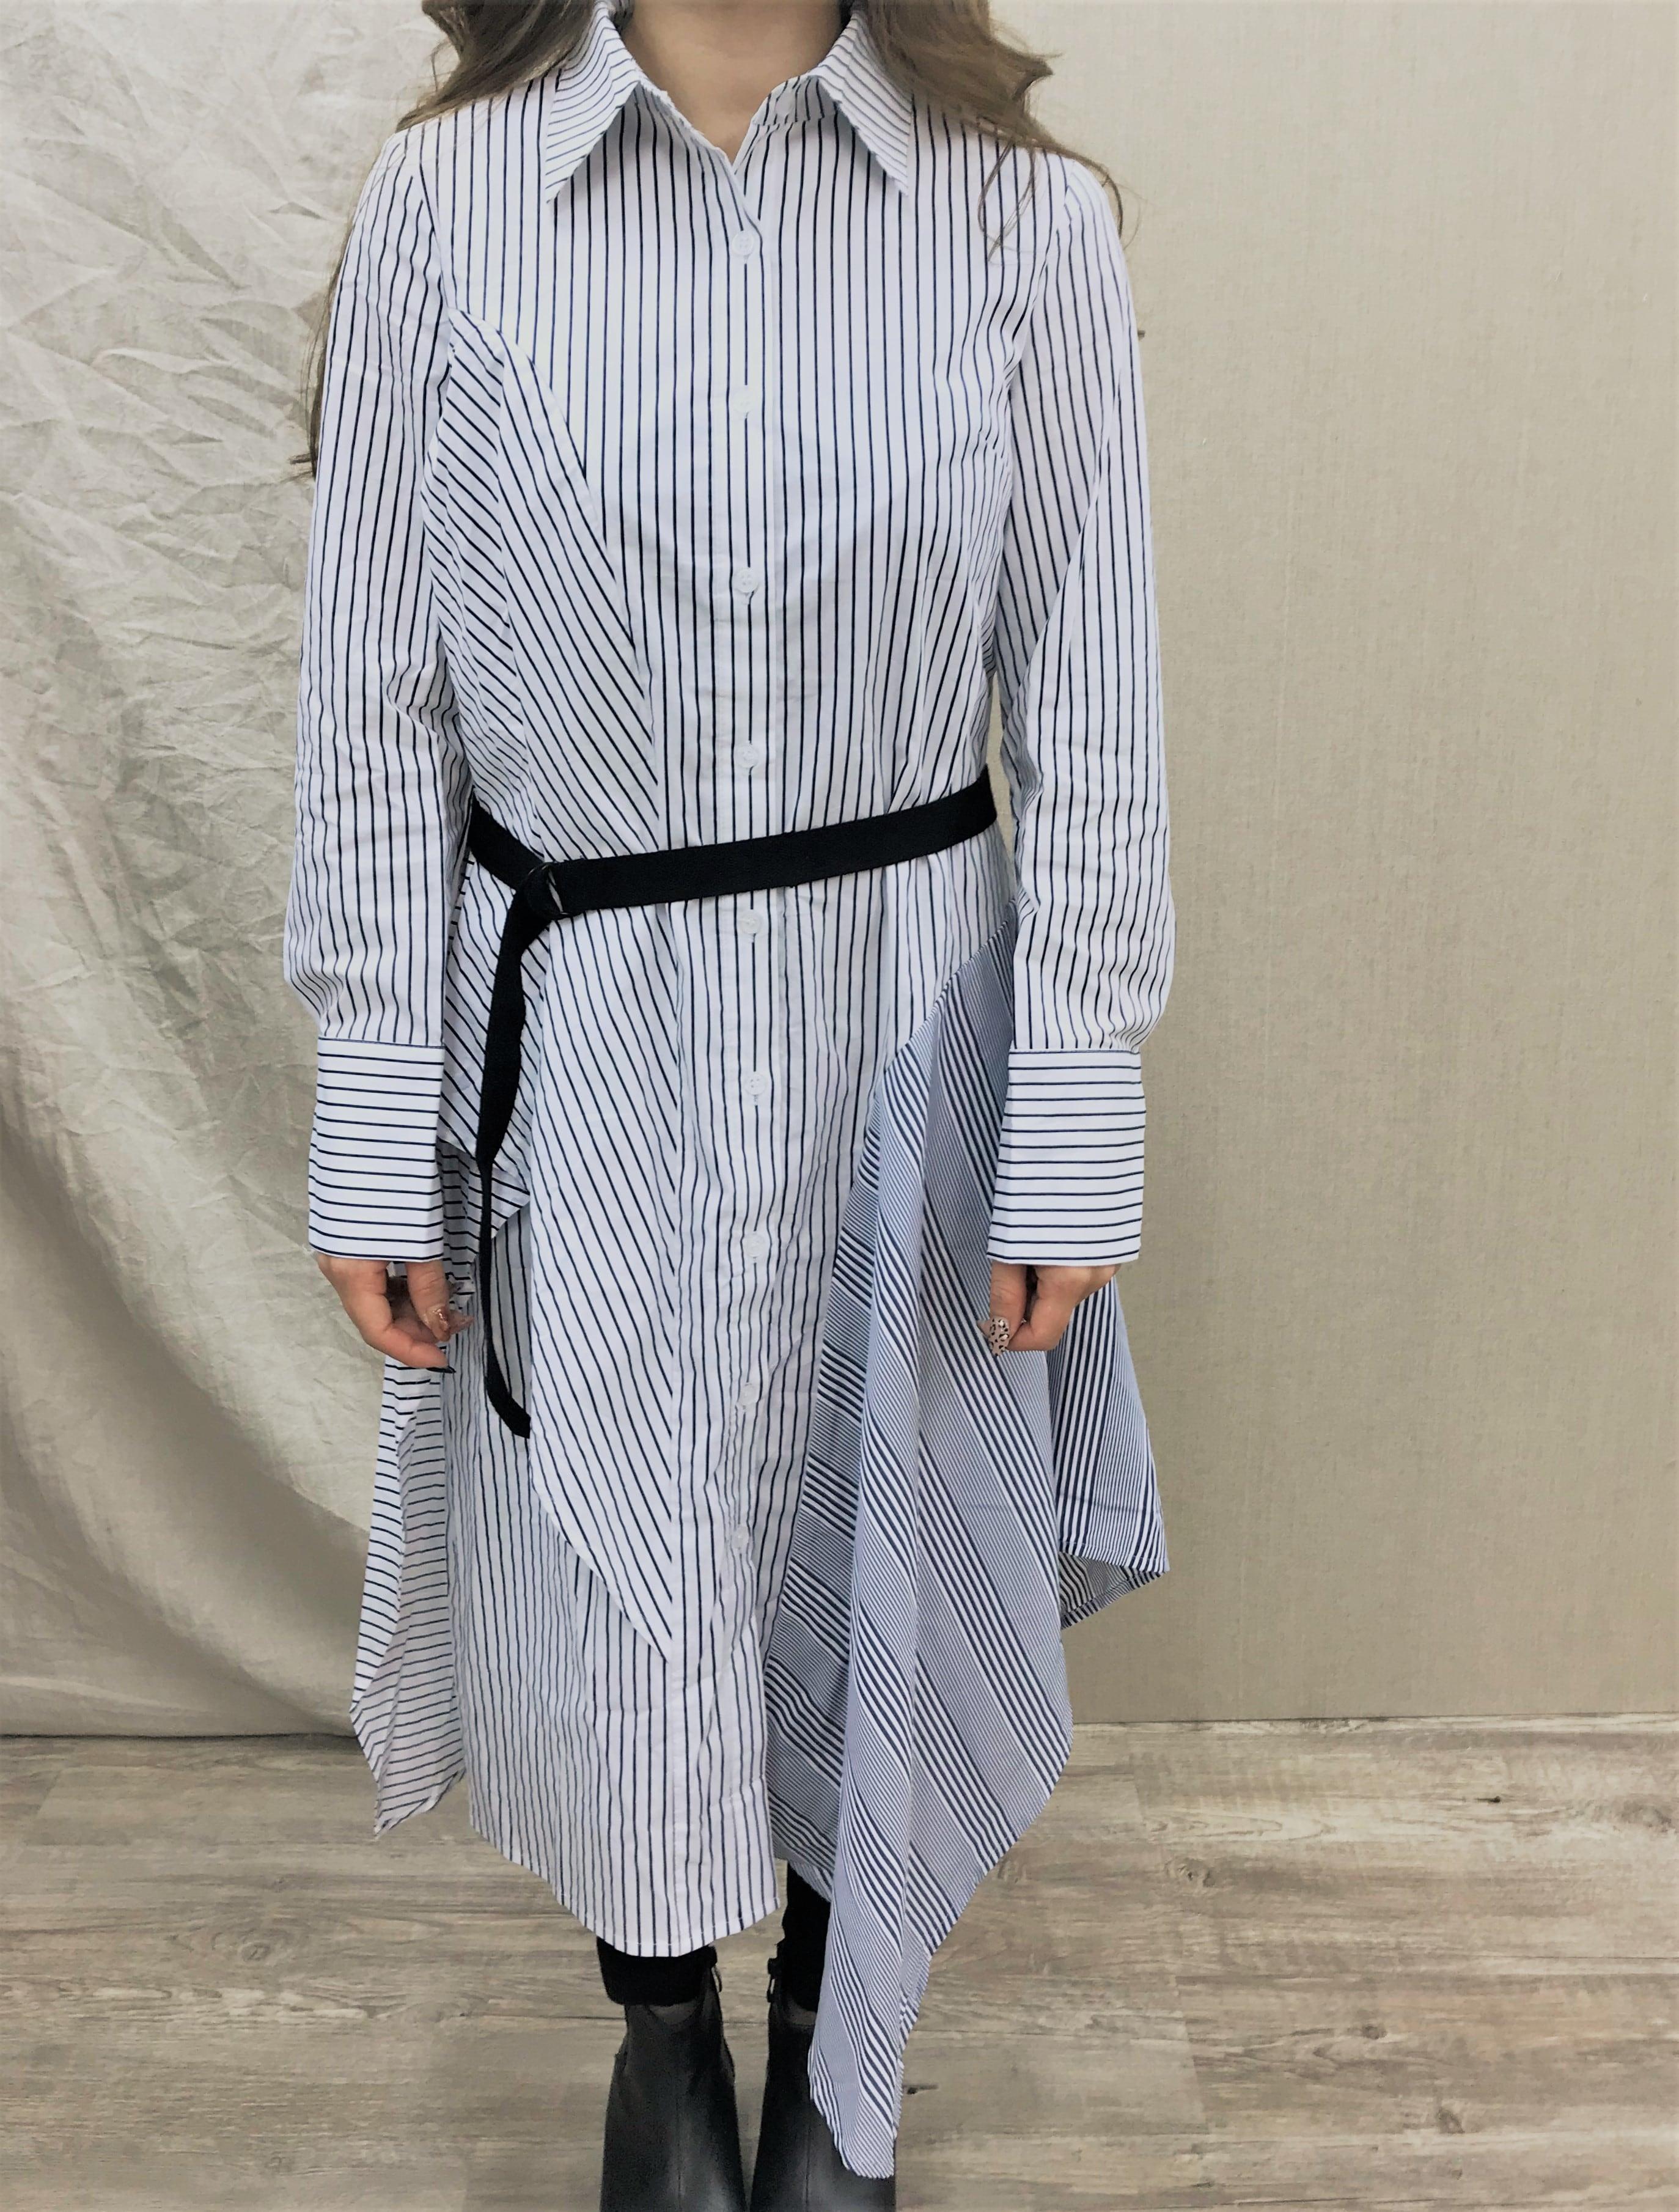 シャツワンピース(ストライプブルー) フリル 春秋冬 切り替え ドレス ベルト デザイン